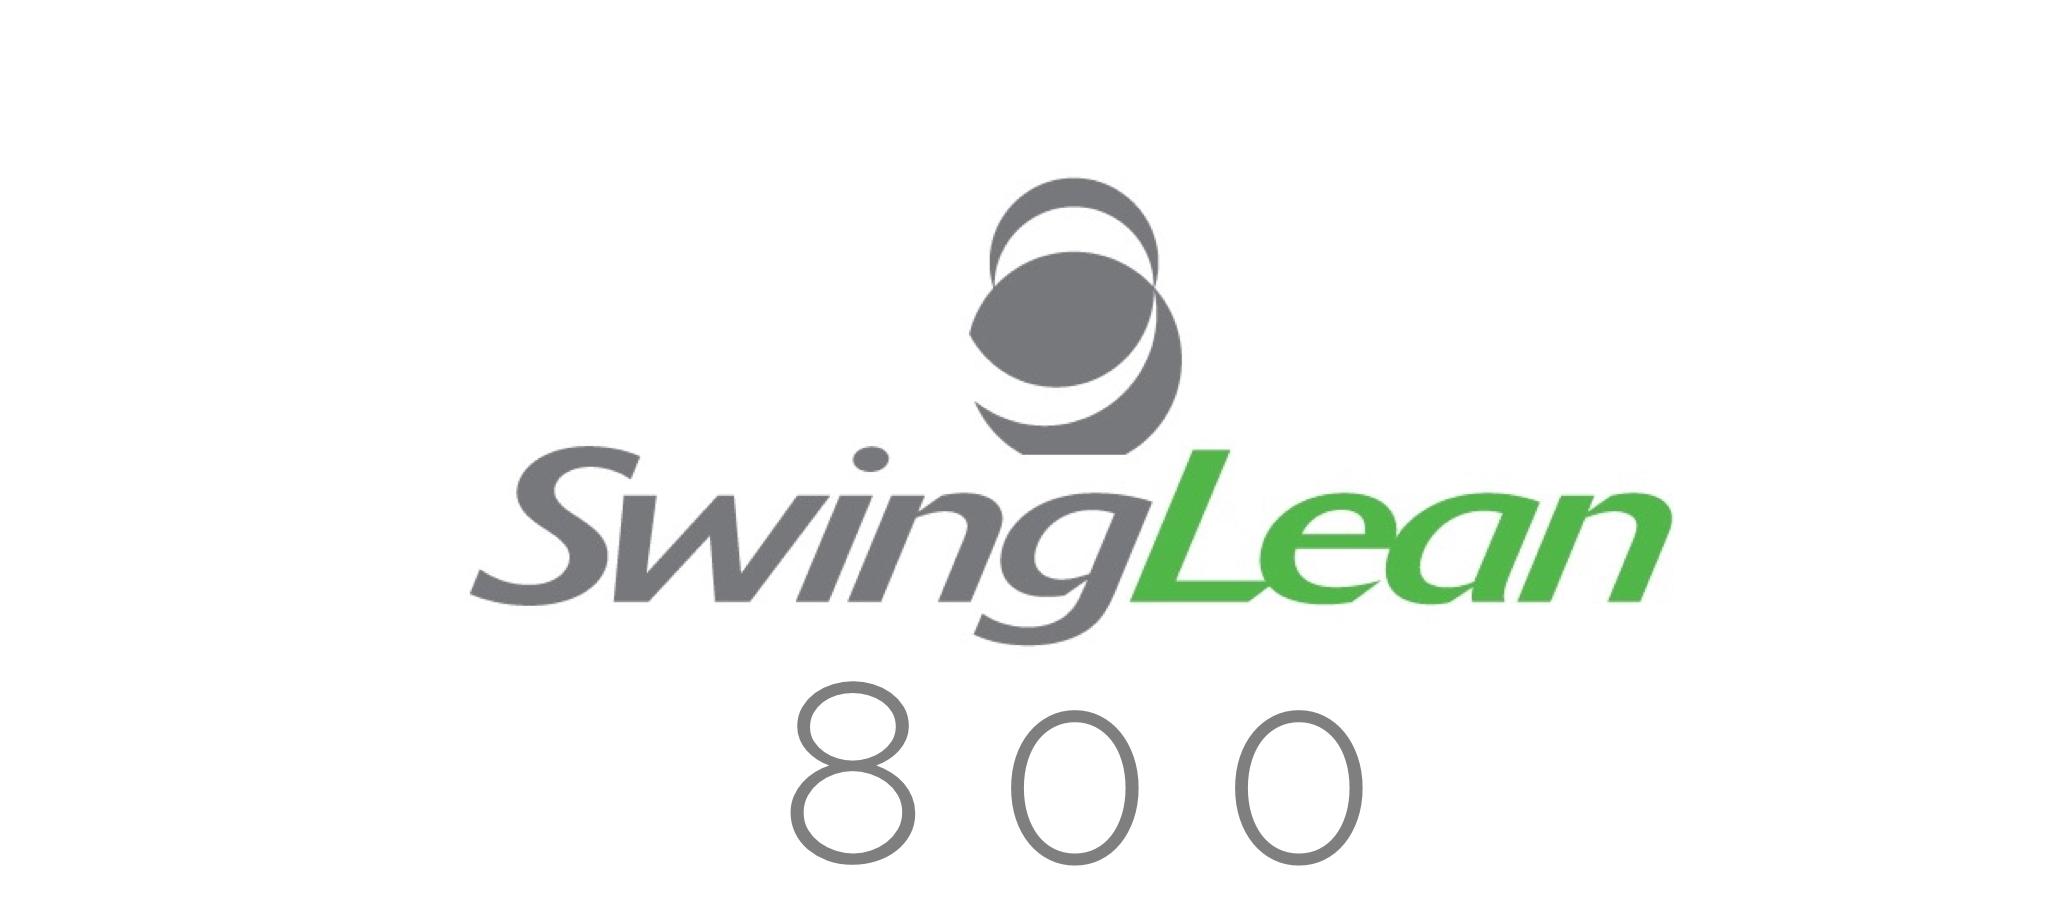 SwingLean 800